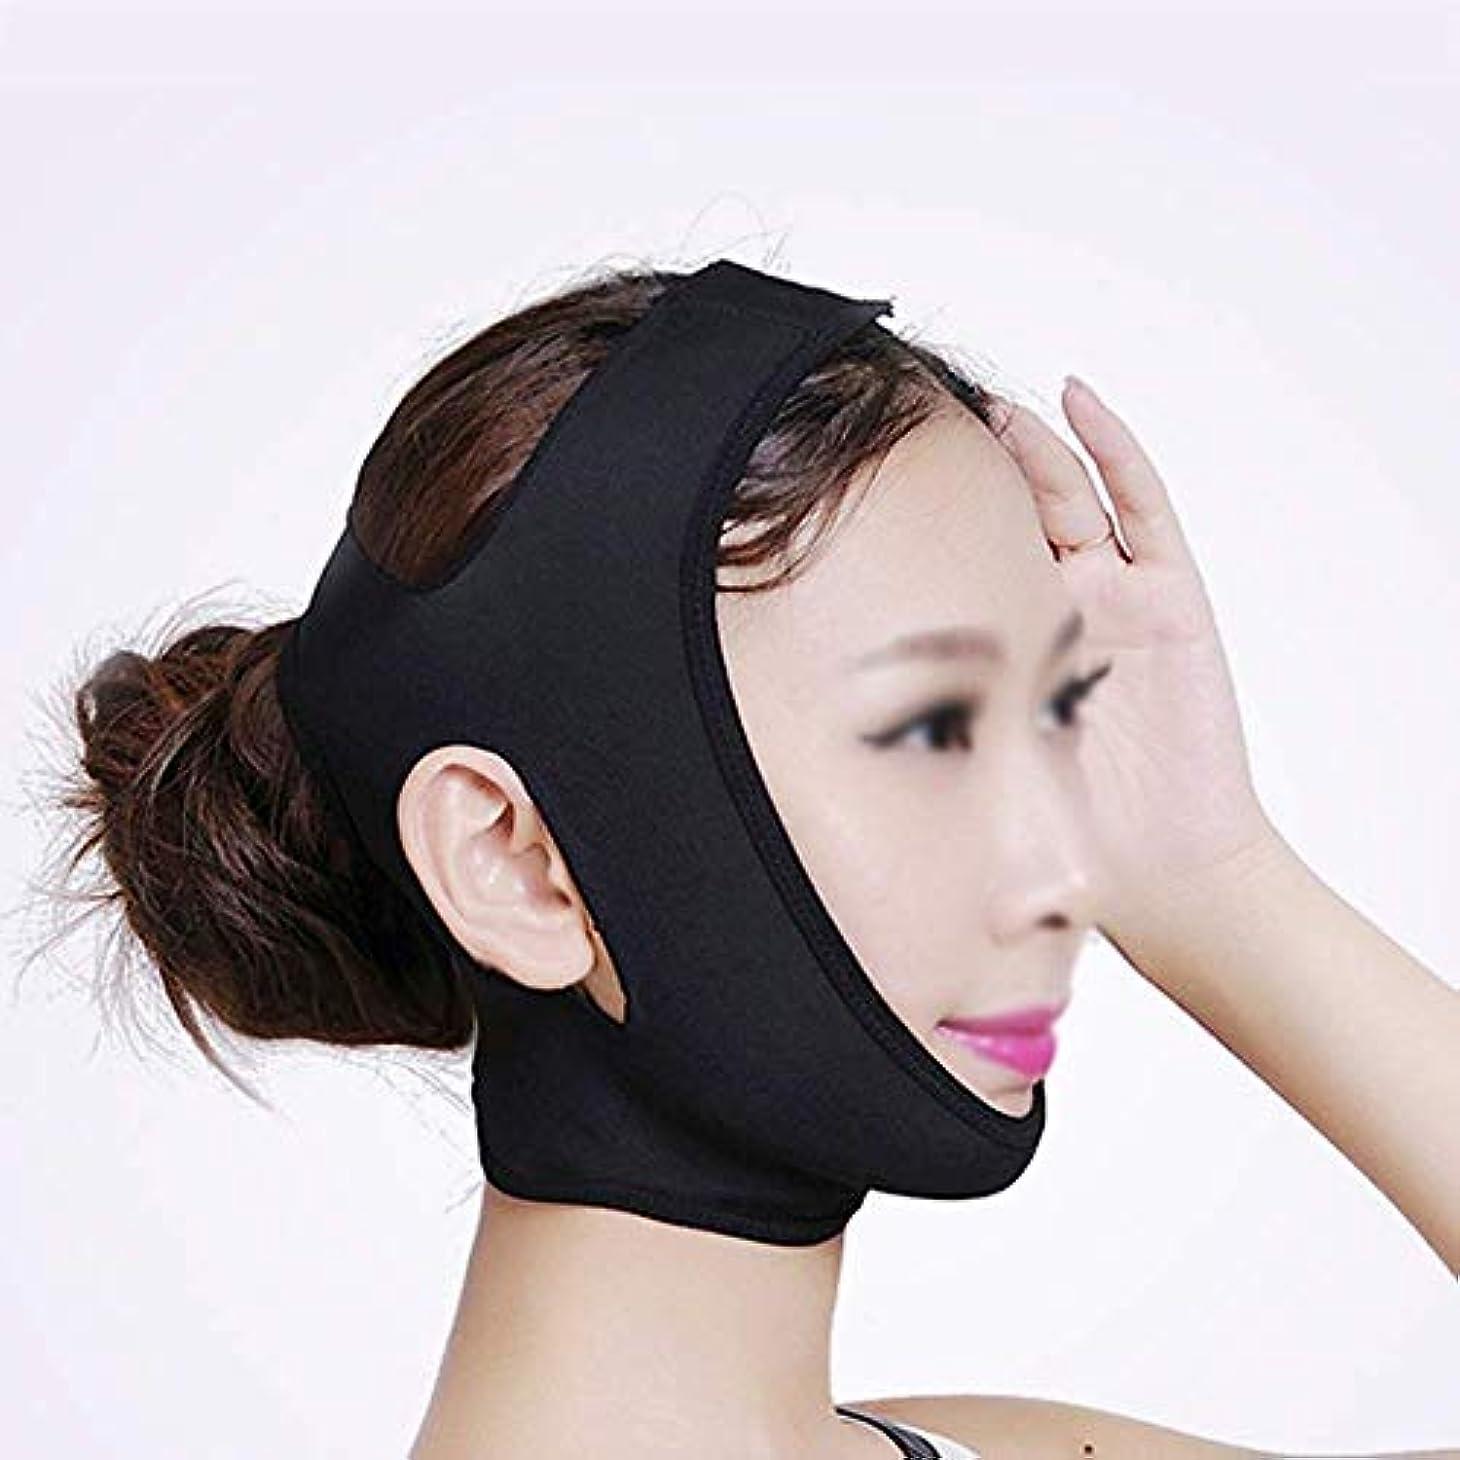 花弁熱心な包帯フェイシャル減量マスクリフティングフェイス、フェイスマスク、減量包帯を除去するためのダブルチン、フェイシャルリフティング包帯、ダブルチンを減らすためのリフティングベルト(カラー:ブラック、サイズ:M),黒、M